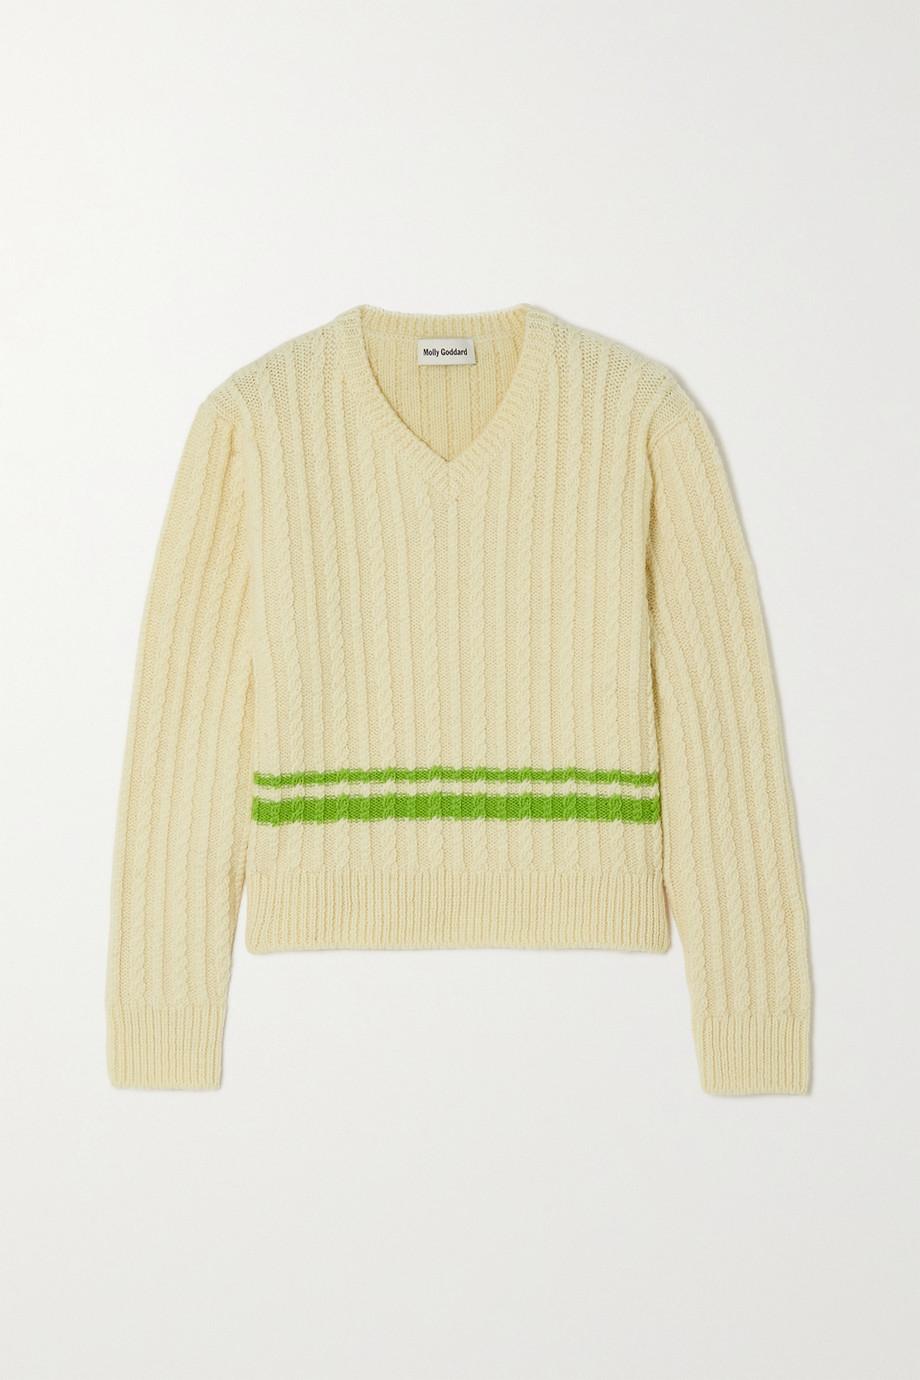 Molly Goddard Pull en laine à mailles torsadées et à rayures Diana